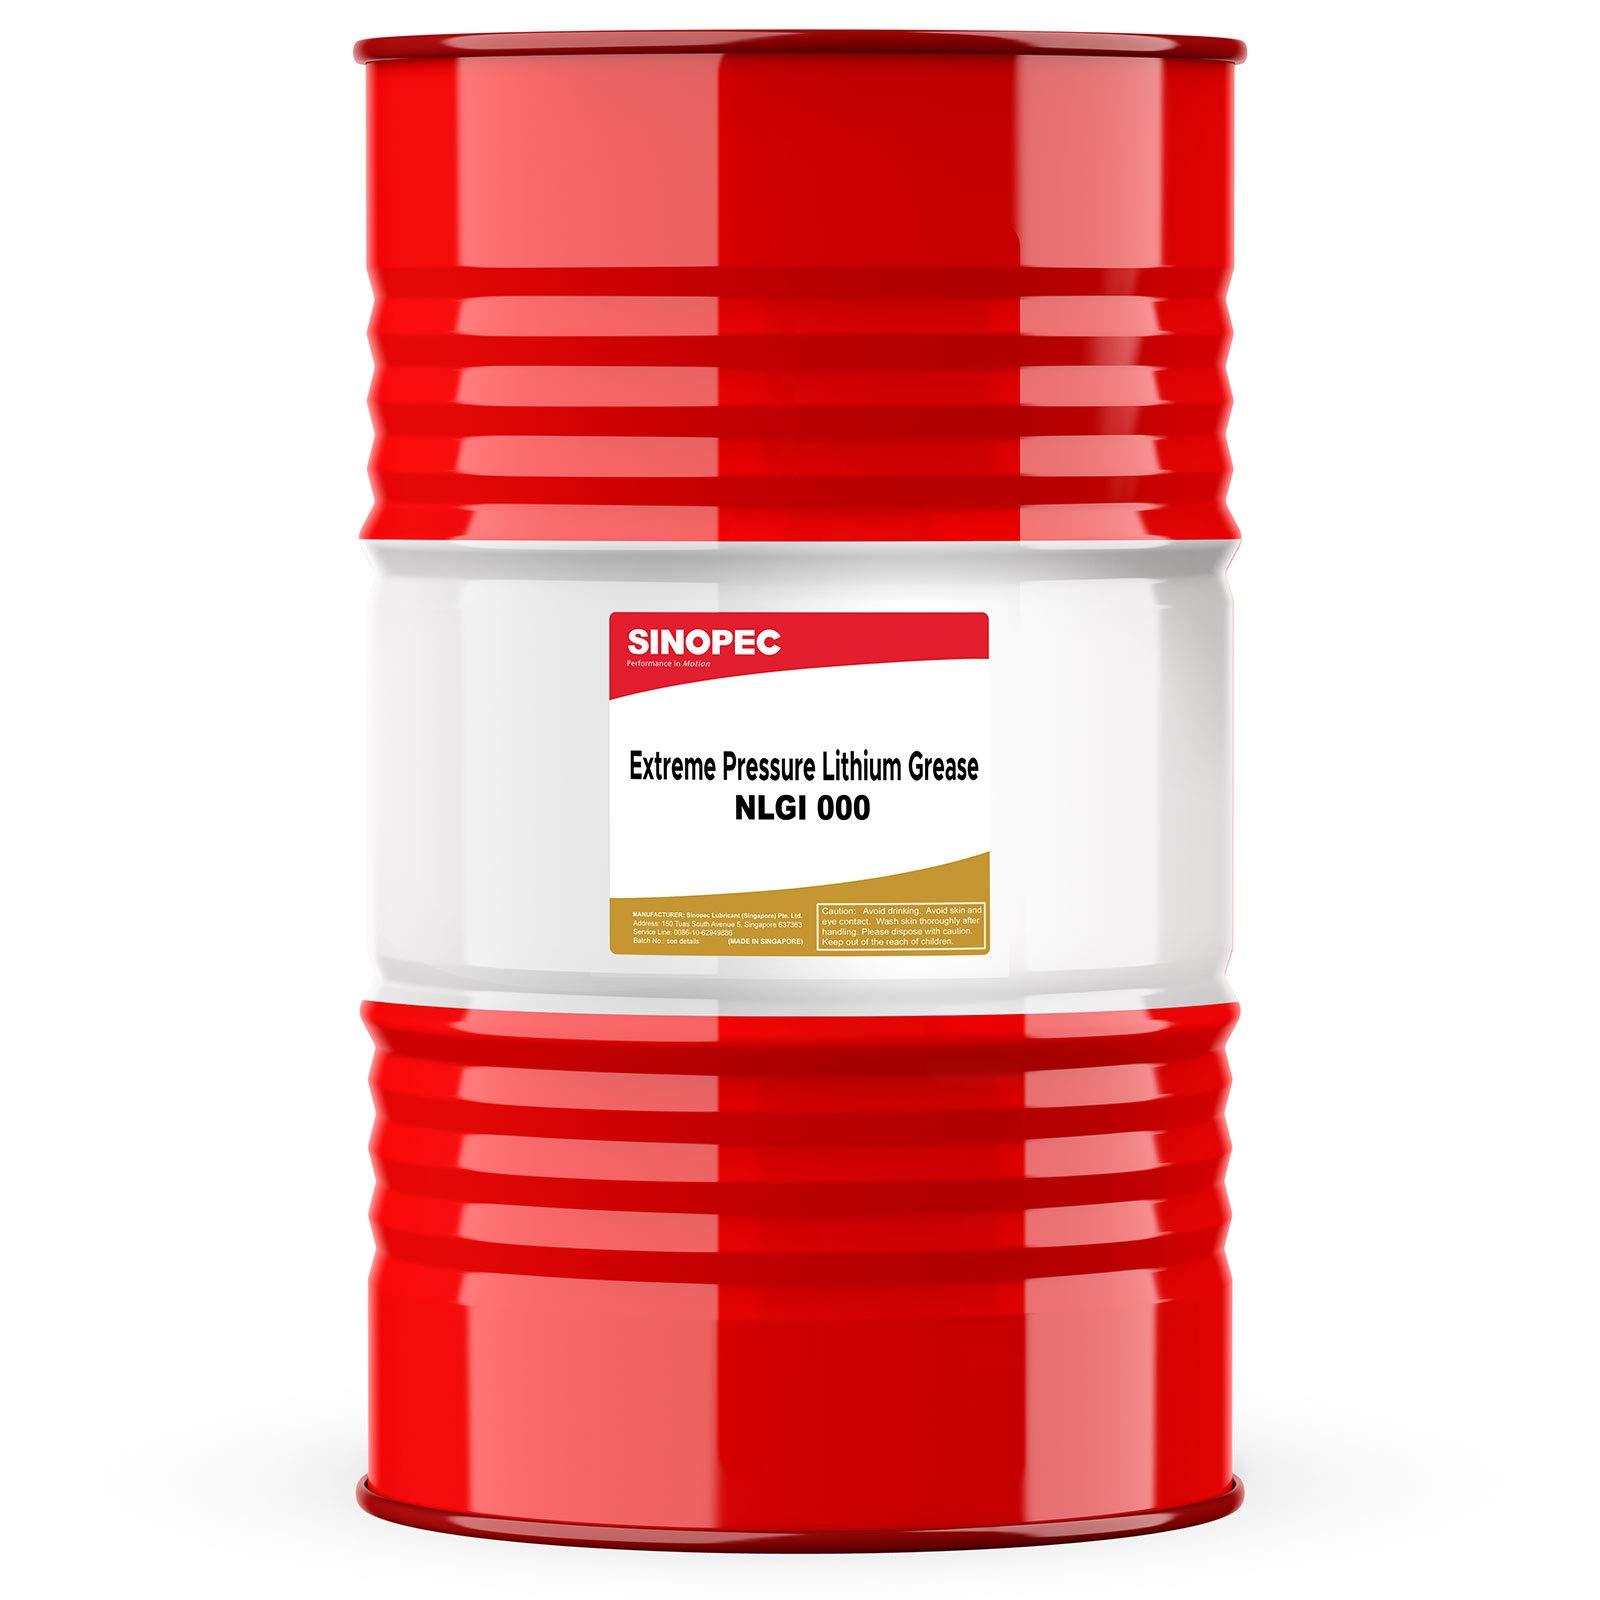 Sinopec (EP000) Semi-Fluid EP Multipurpose Lithium Grease, NLGI 000-400LB. (55 Gallon) Drum